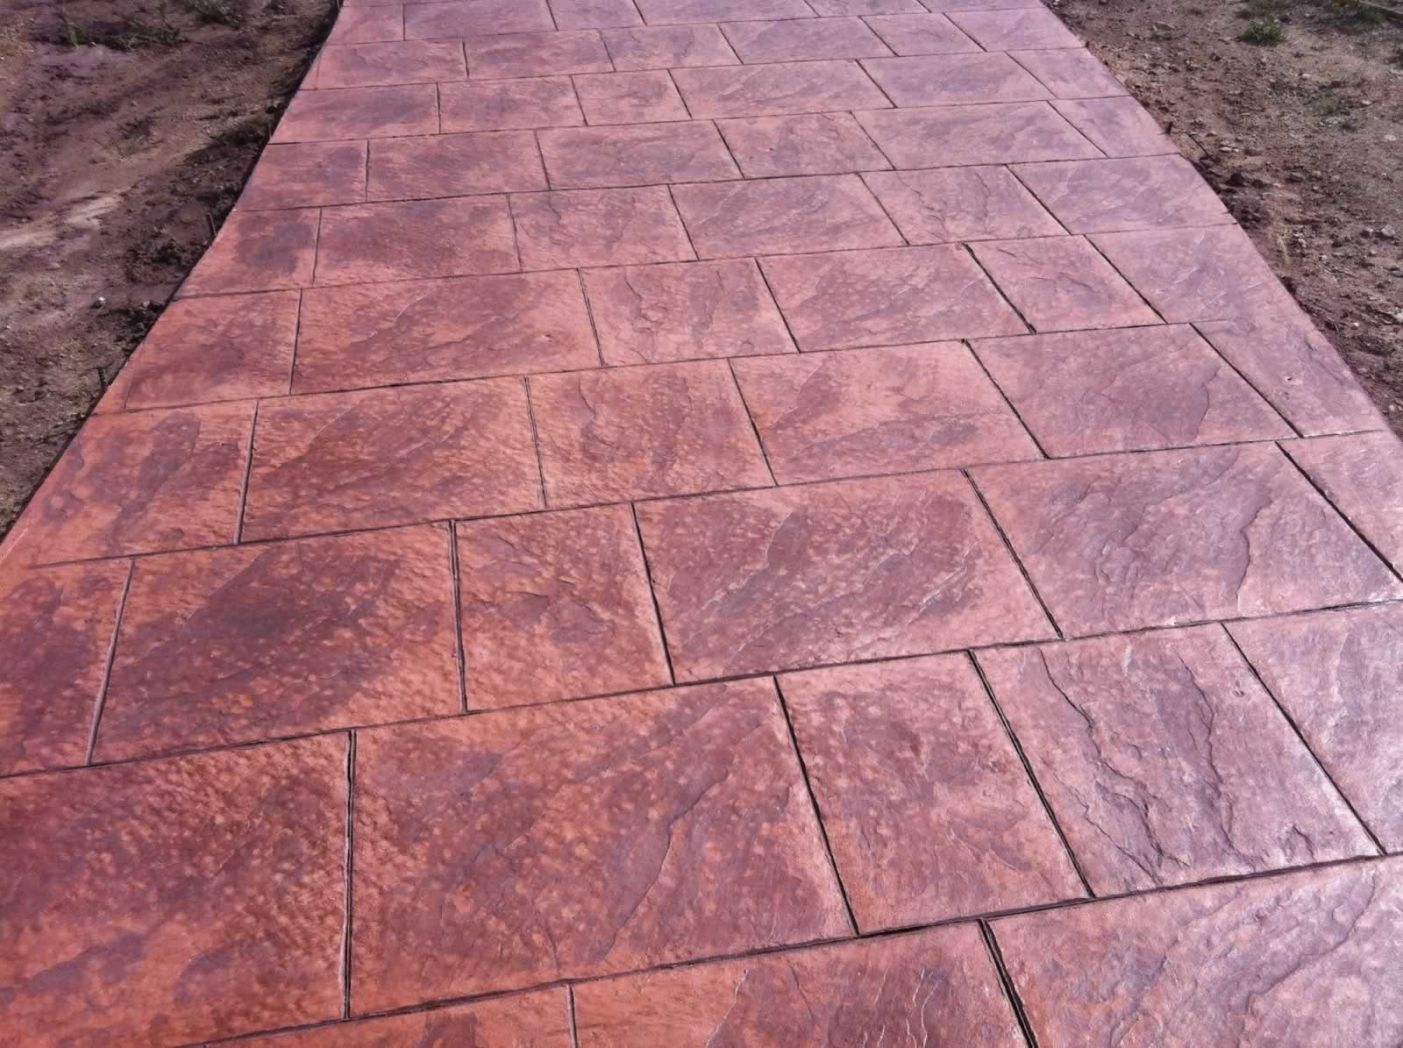 Pavimentos alonso mallorca pavimento de hormigon impreso for Hormigon impreso moldes